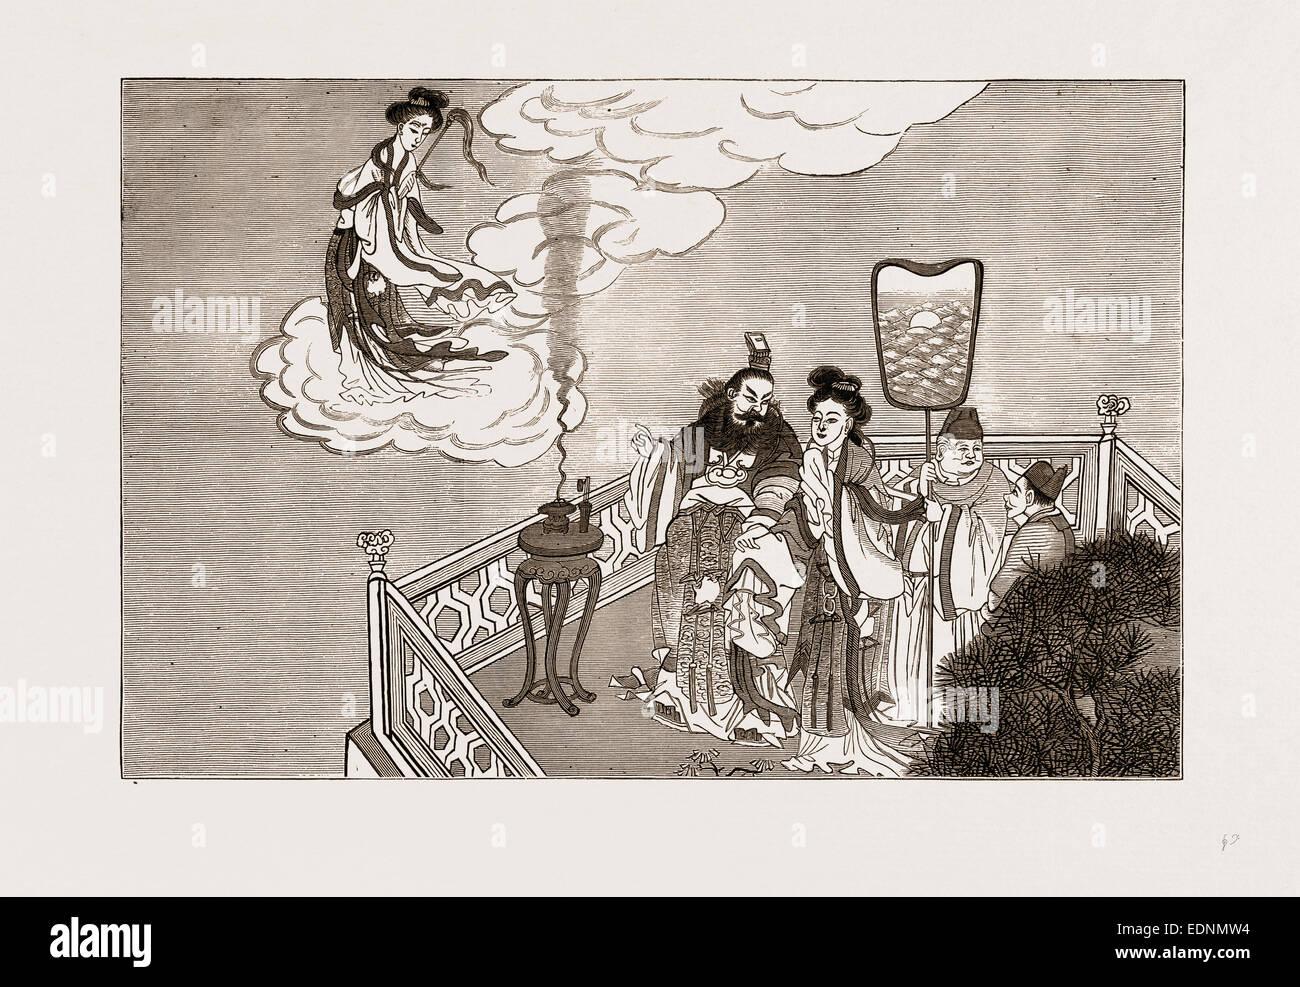 Un incident dans la mythologie chinoise: L'EMPEREUR ET LA DÉESSE CHWANG MIAO KWAN-YIN Photo Stock